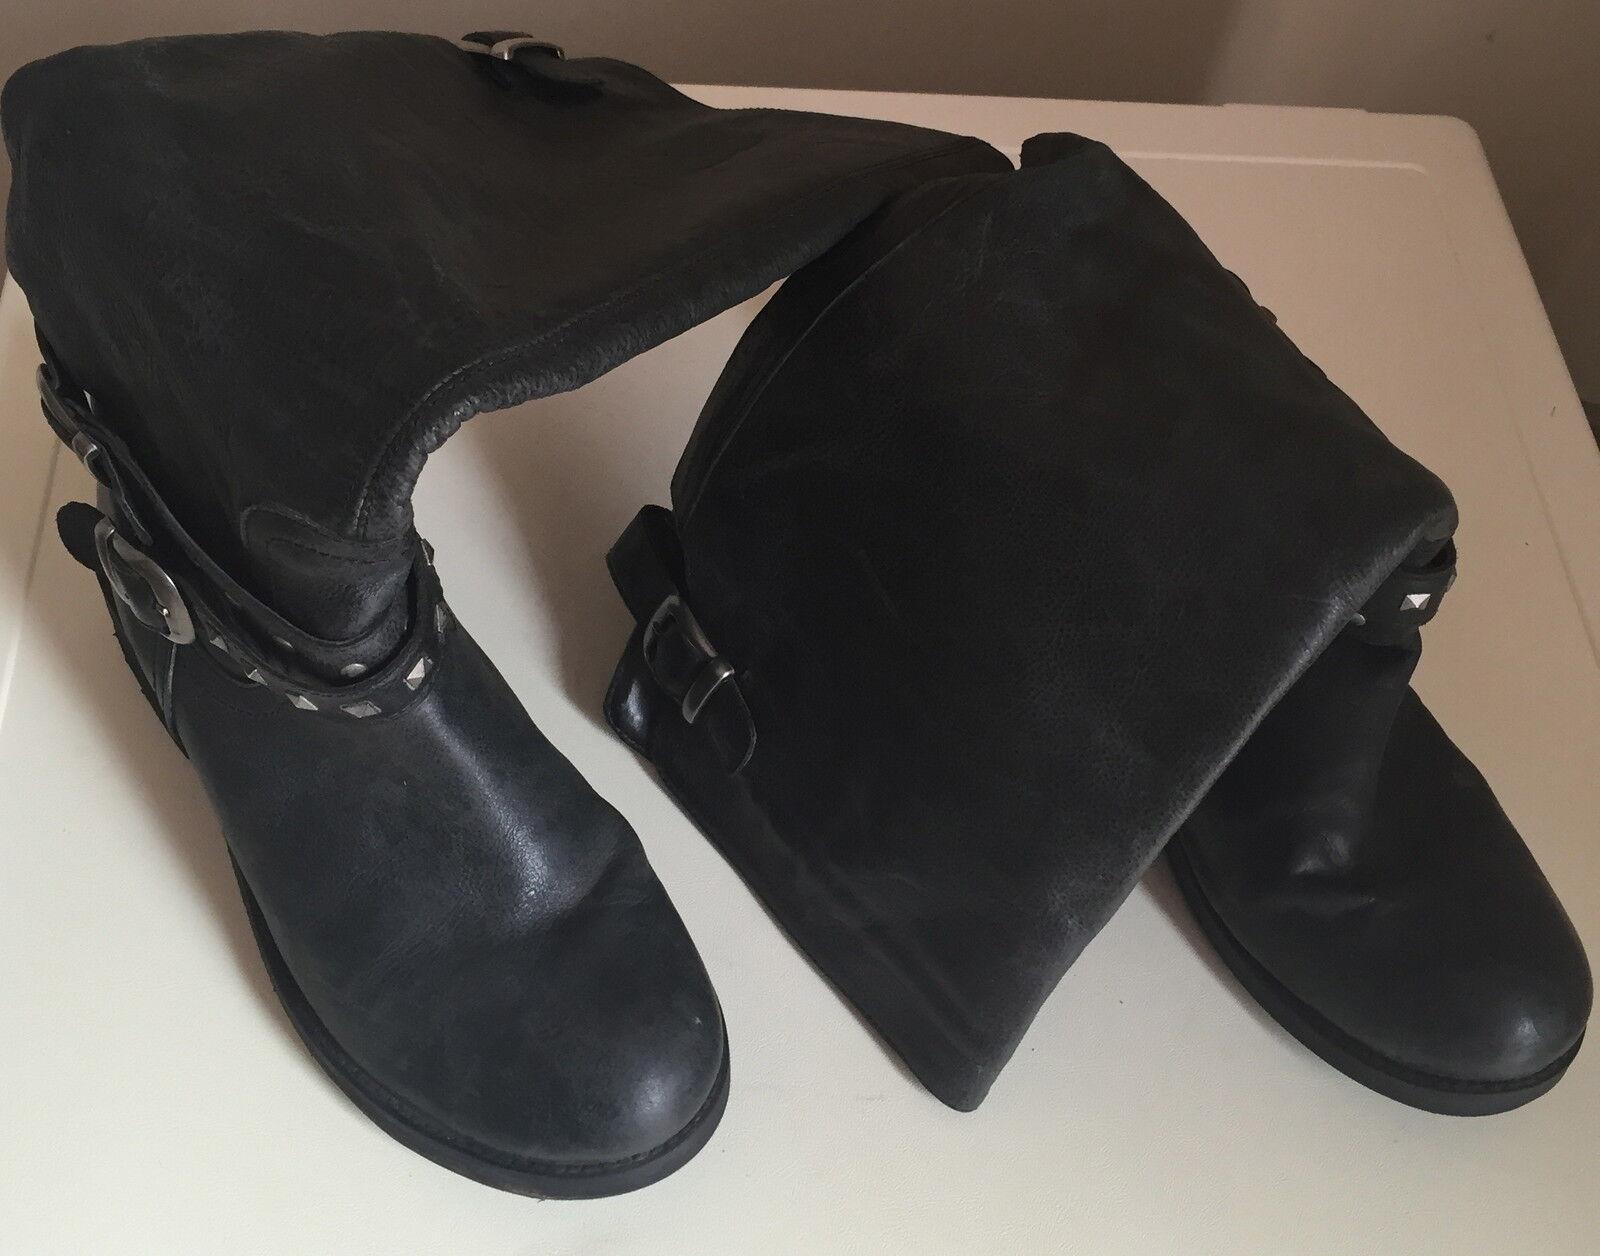 Les FEMMES DUNE Bottes en cuir noir-Femmes Longueur Genou Taille 37L